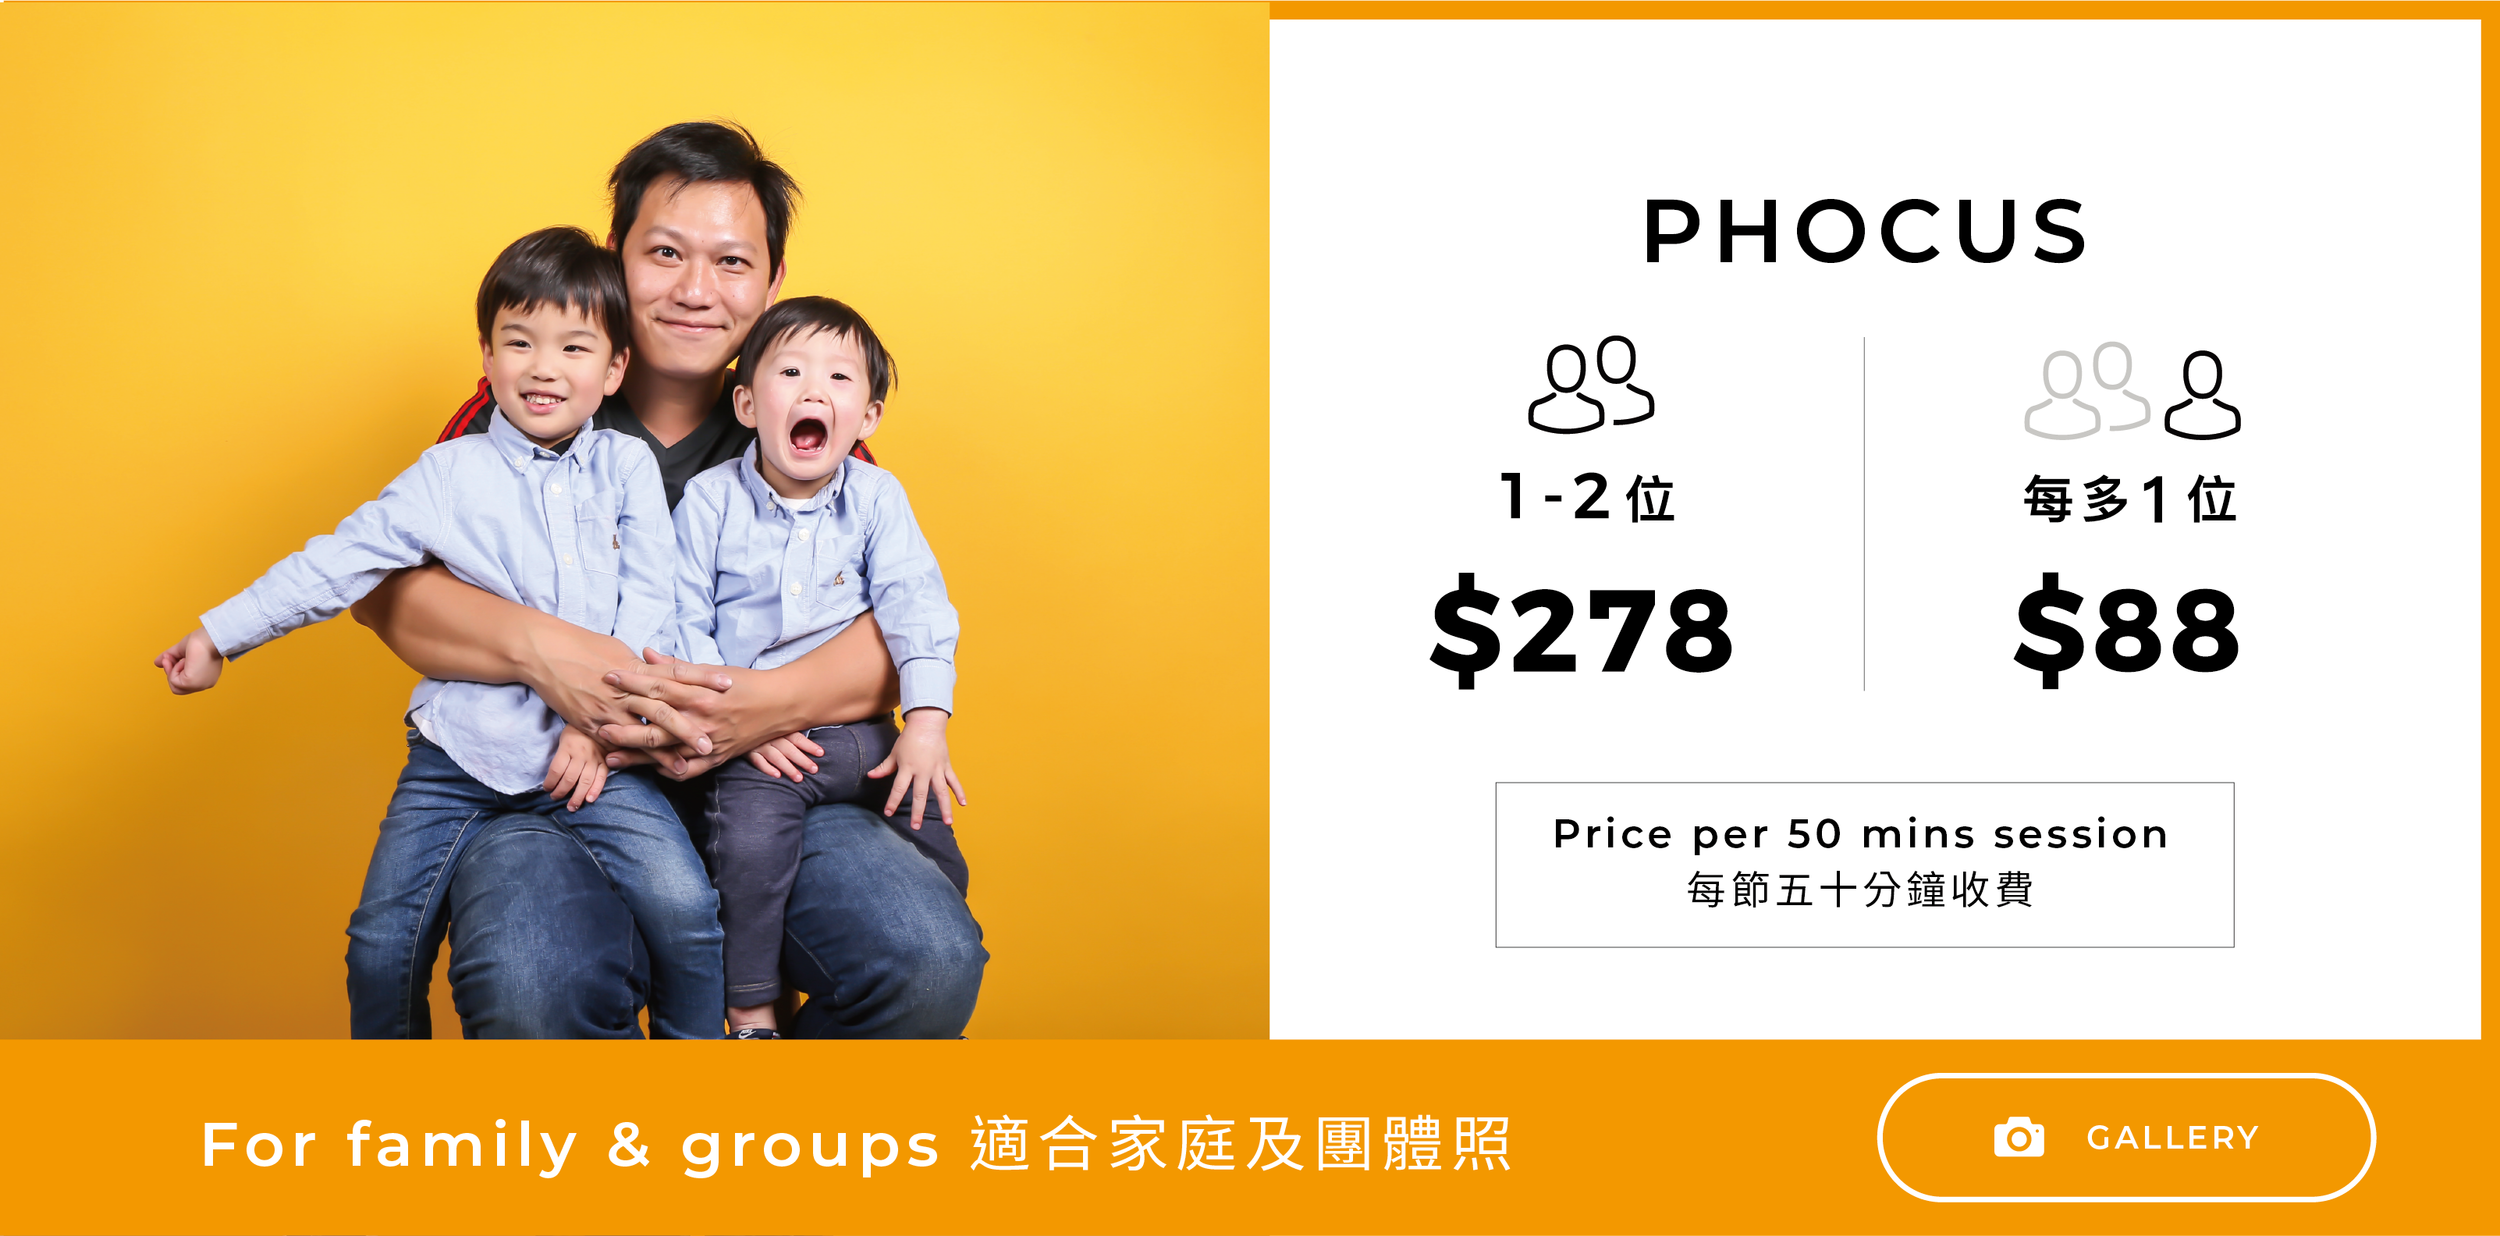 Phocus Price